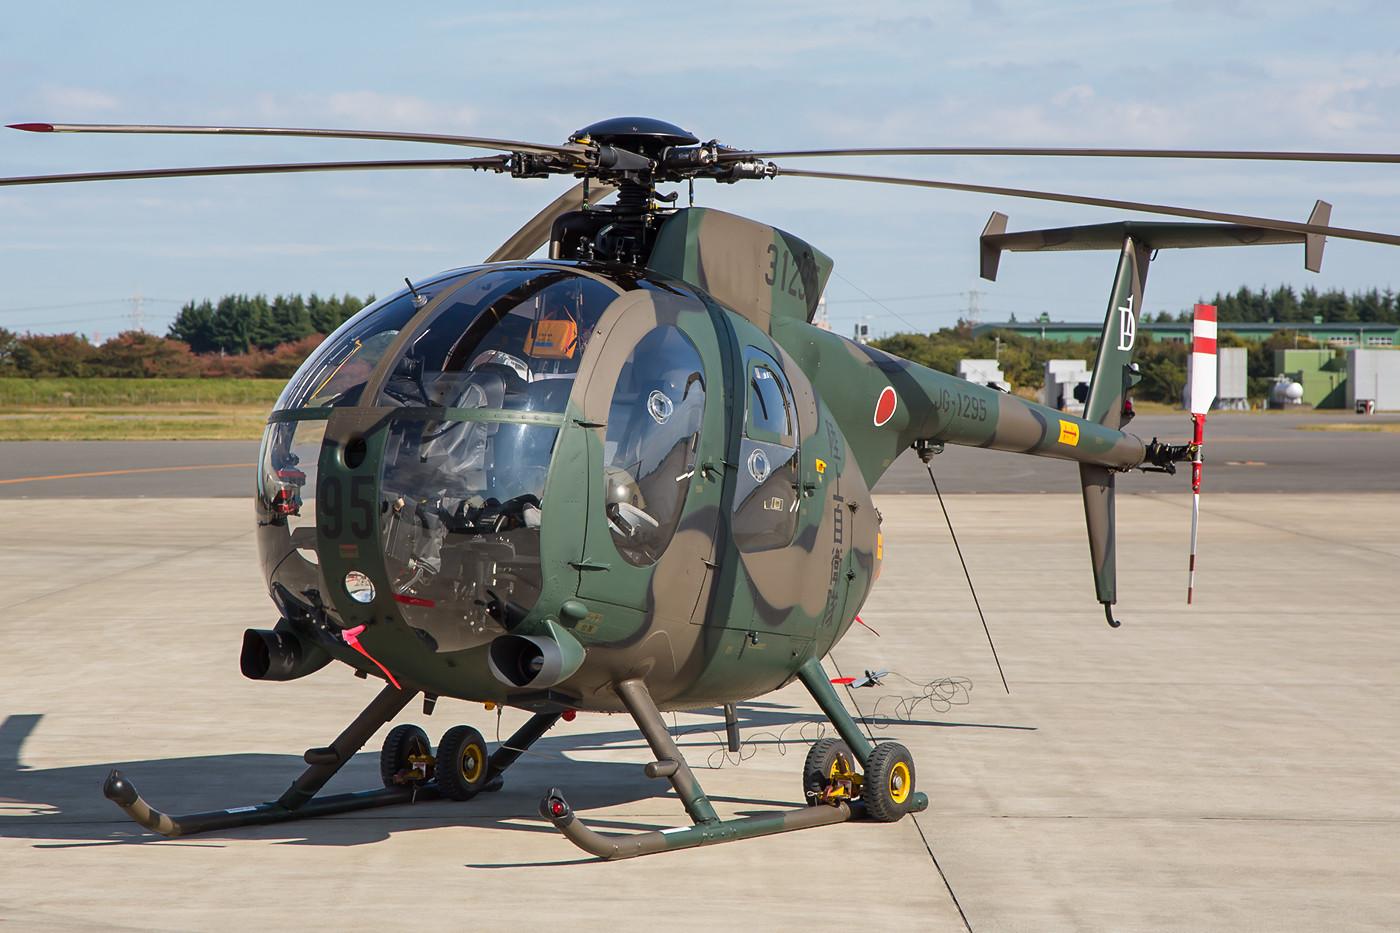 OH-6 der JGSDF, sie werden wohl demnächst ausgemustert.